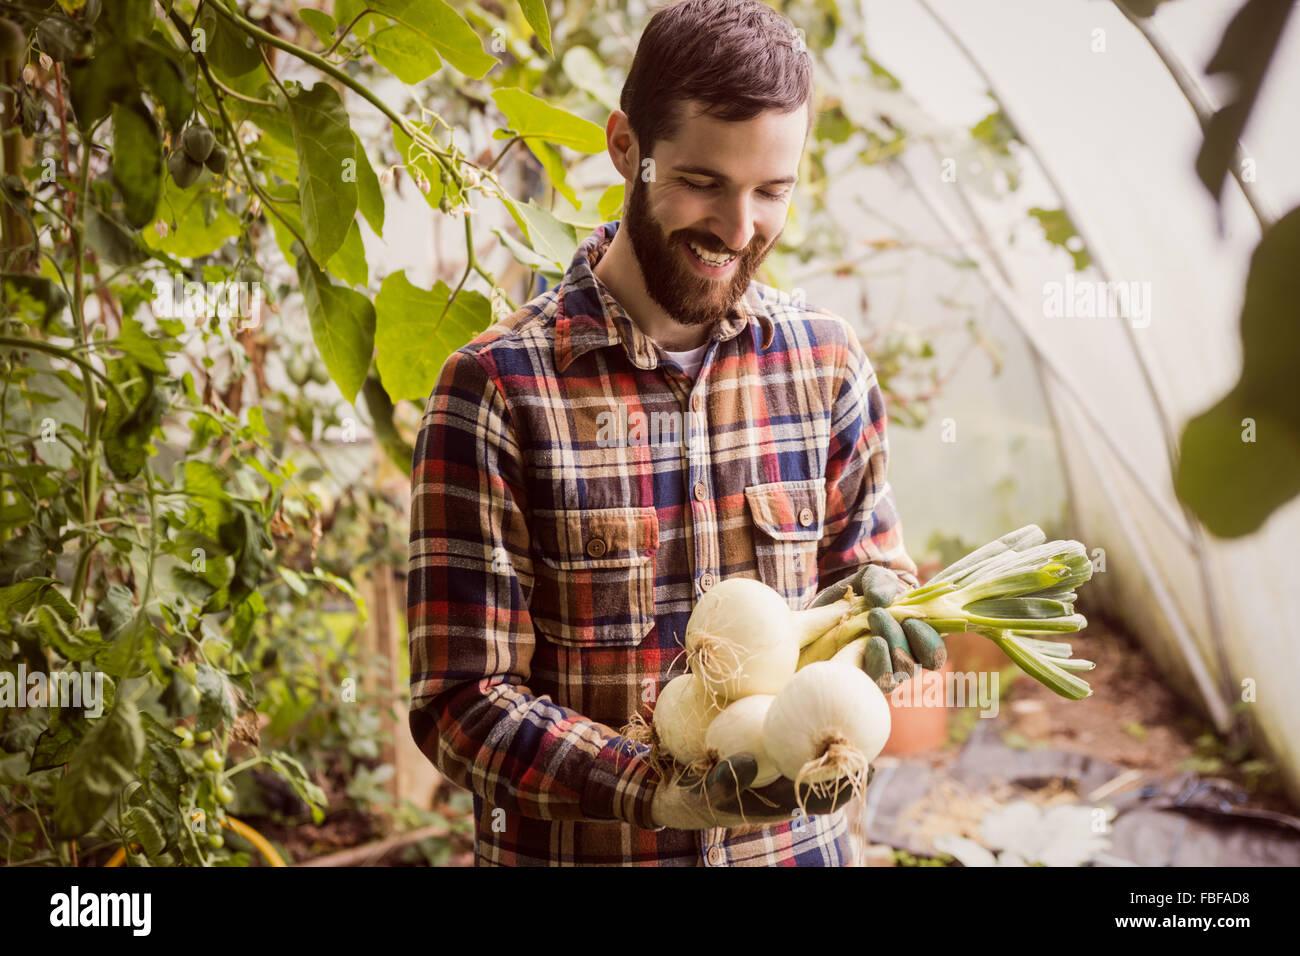 Hombre sonriendo mirando la bombilla Imagen De Stock